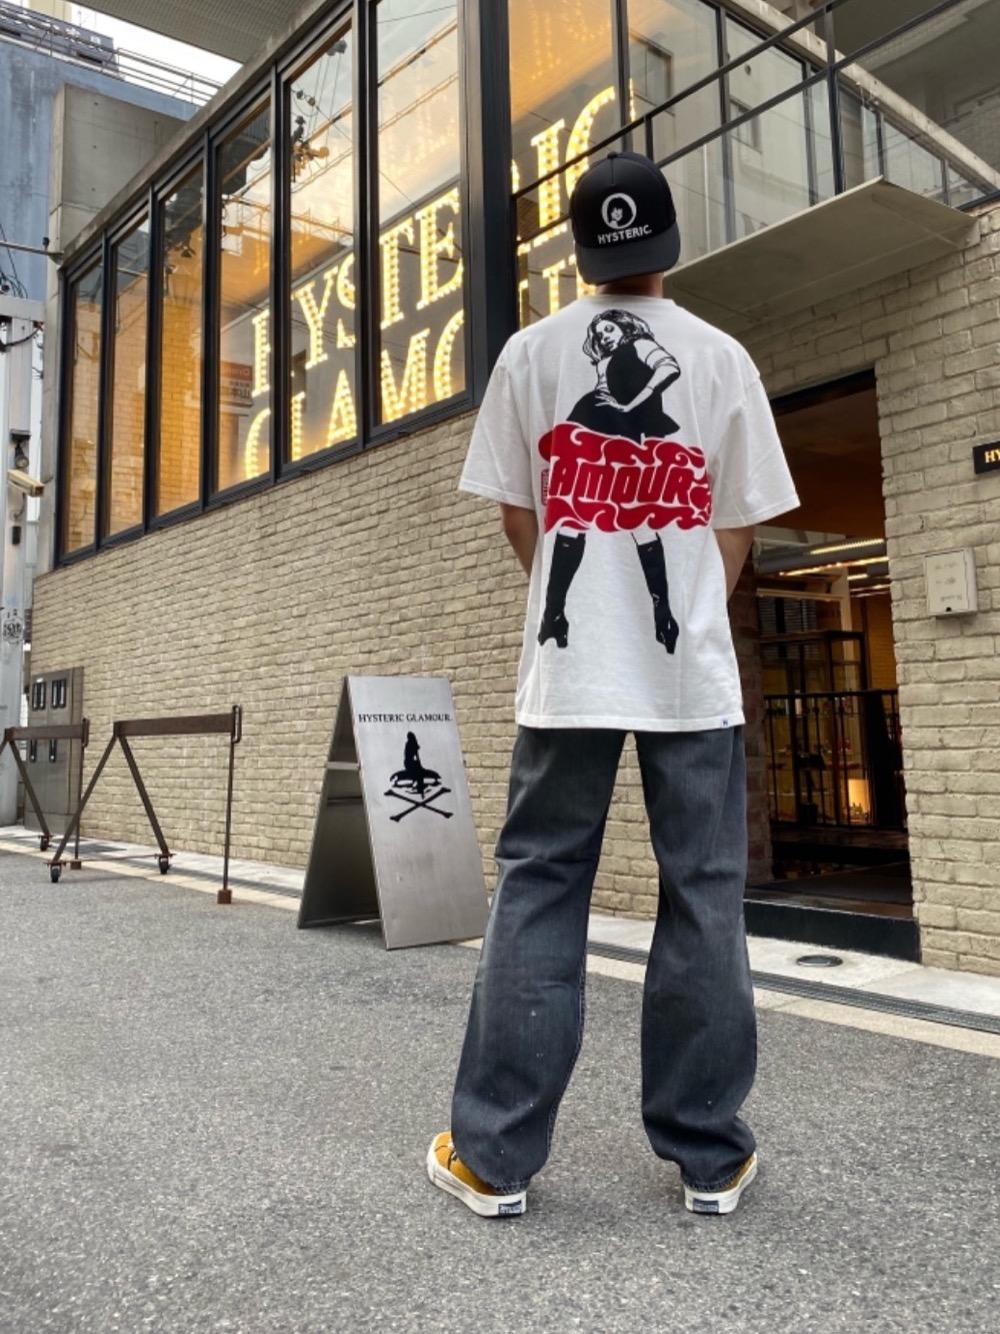 ヒステリックグラマー VIXEN GIRL オーバーサイズTシャツ